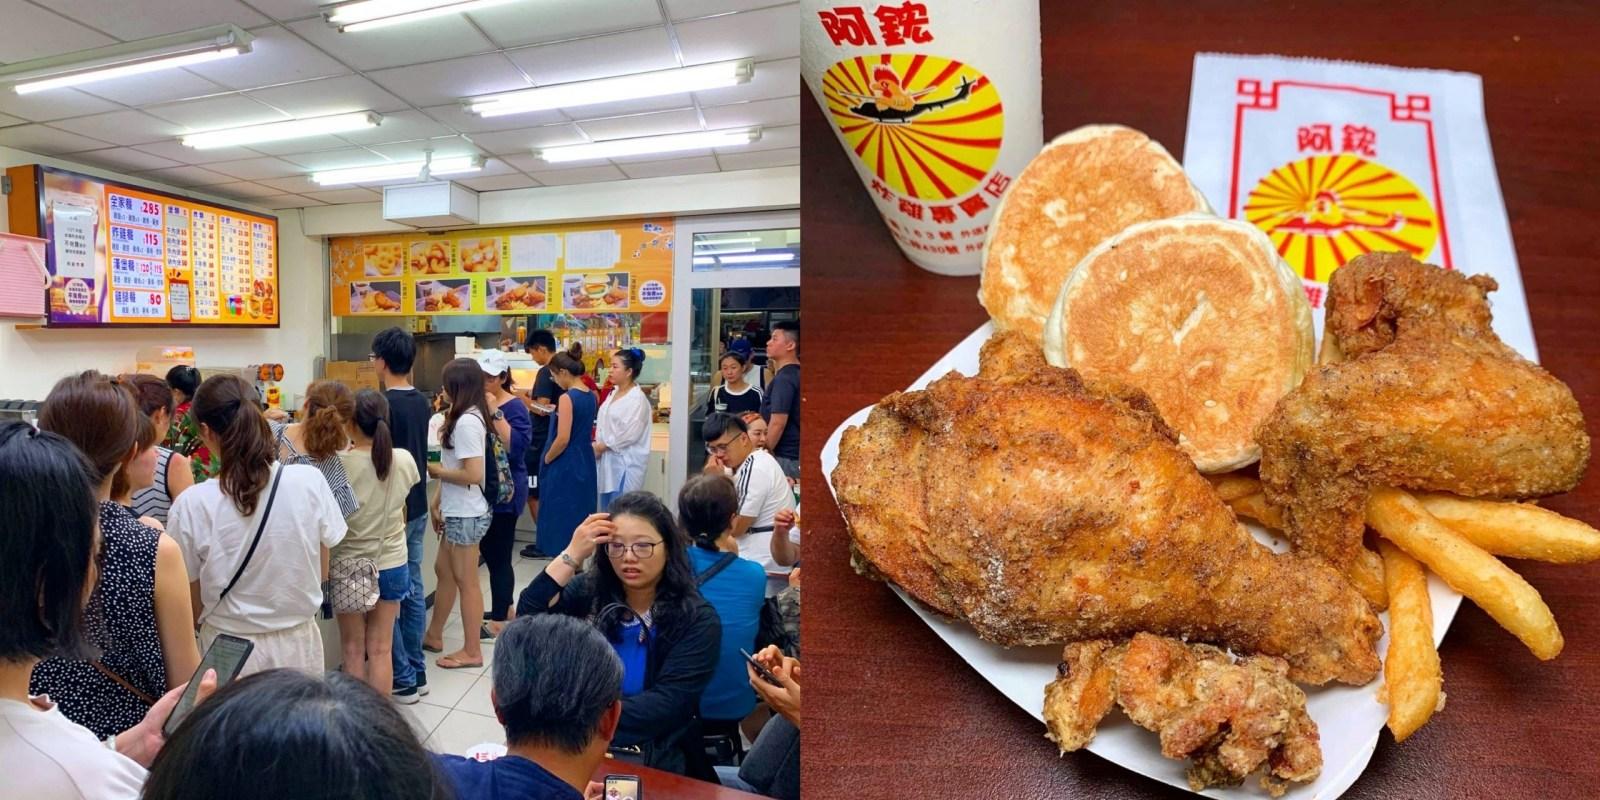 [台東美食] 阿鋐炸雞 - 生意超好的台東必吃古早味炸雞店